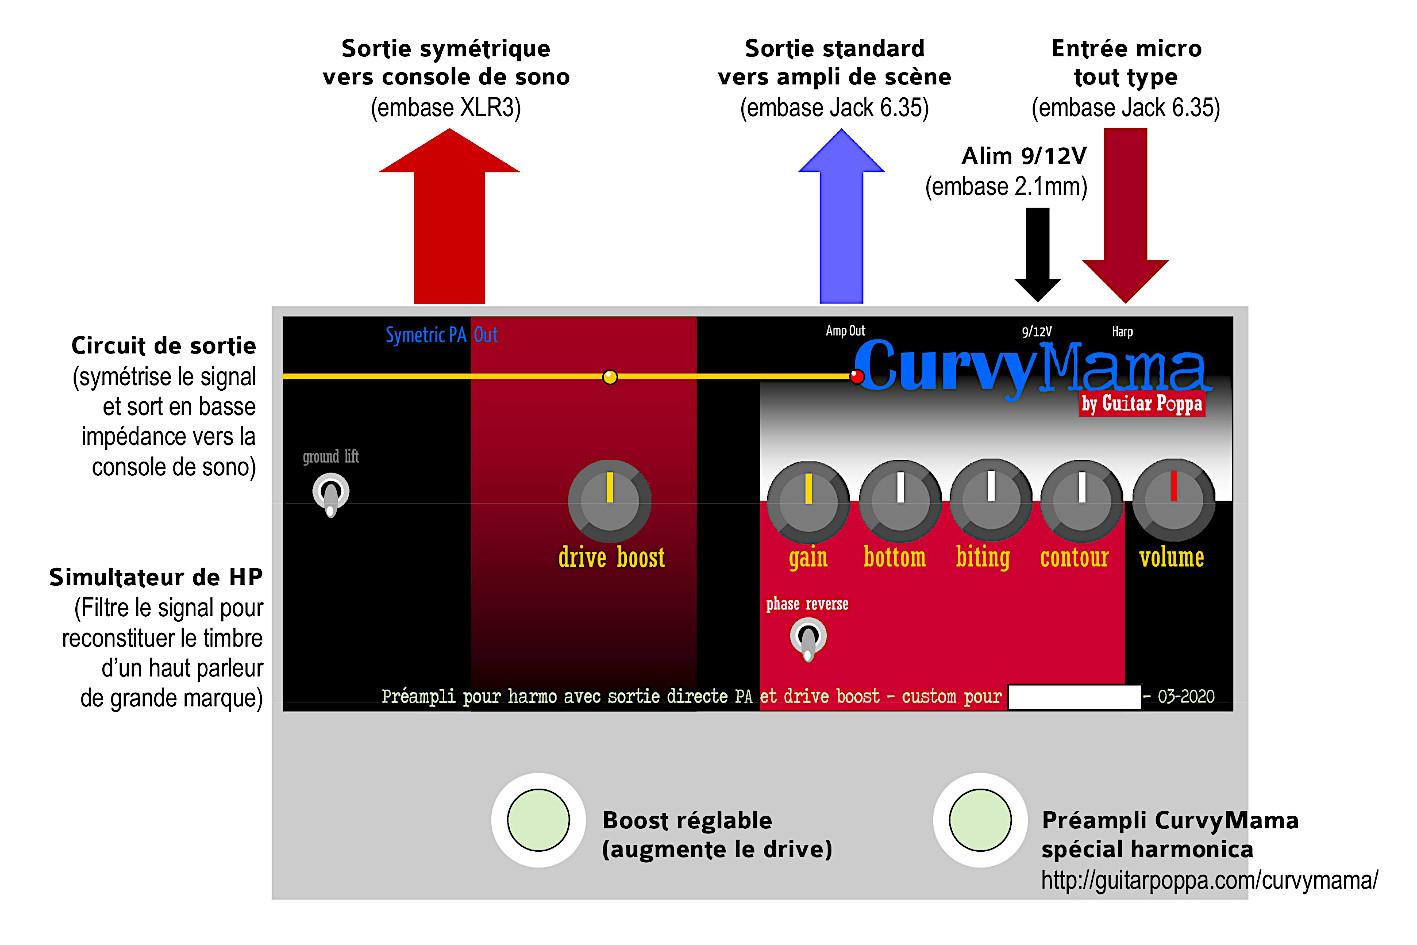 CurvyMama SimSym Output, préampli spécial harmo avec simulateur de HP et sortie symétrique pour liaison directe avec la sono - diagramme fonctionnel